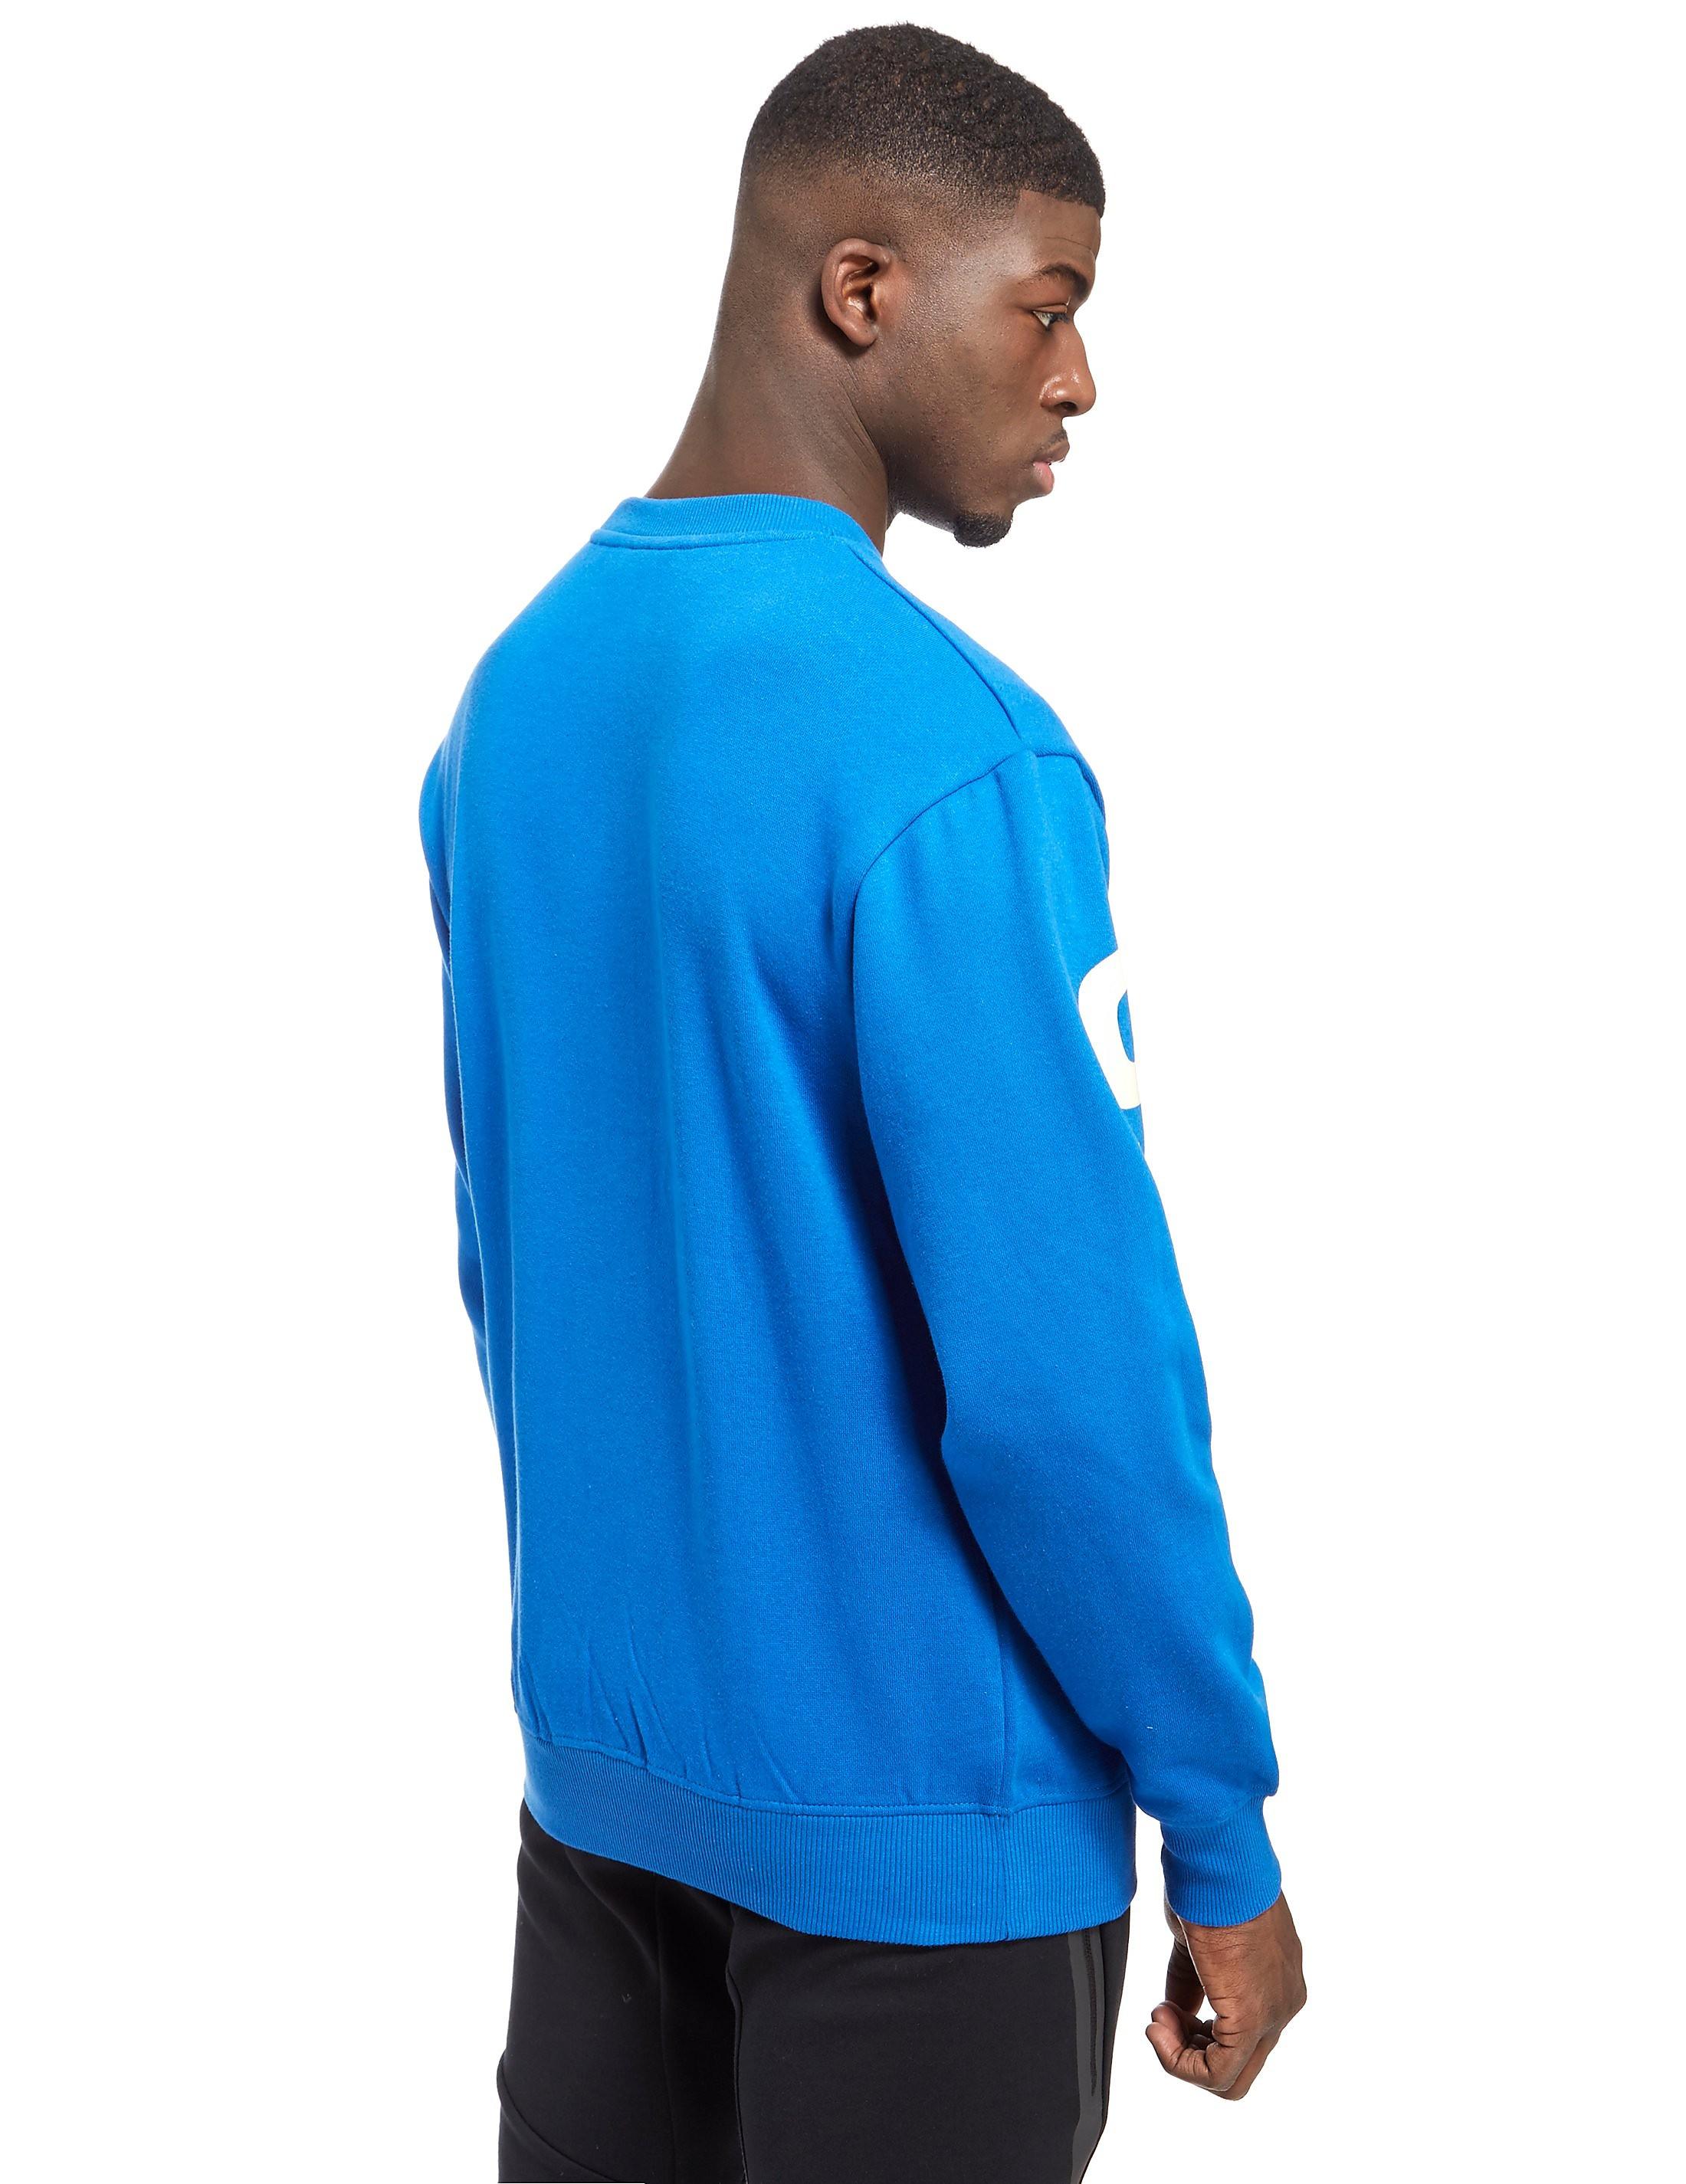 Sergio Tacchini Marzano Crew Sweatshirt